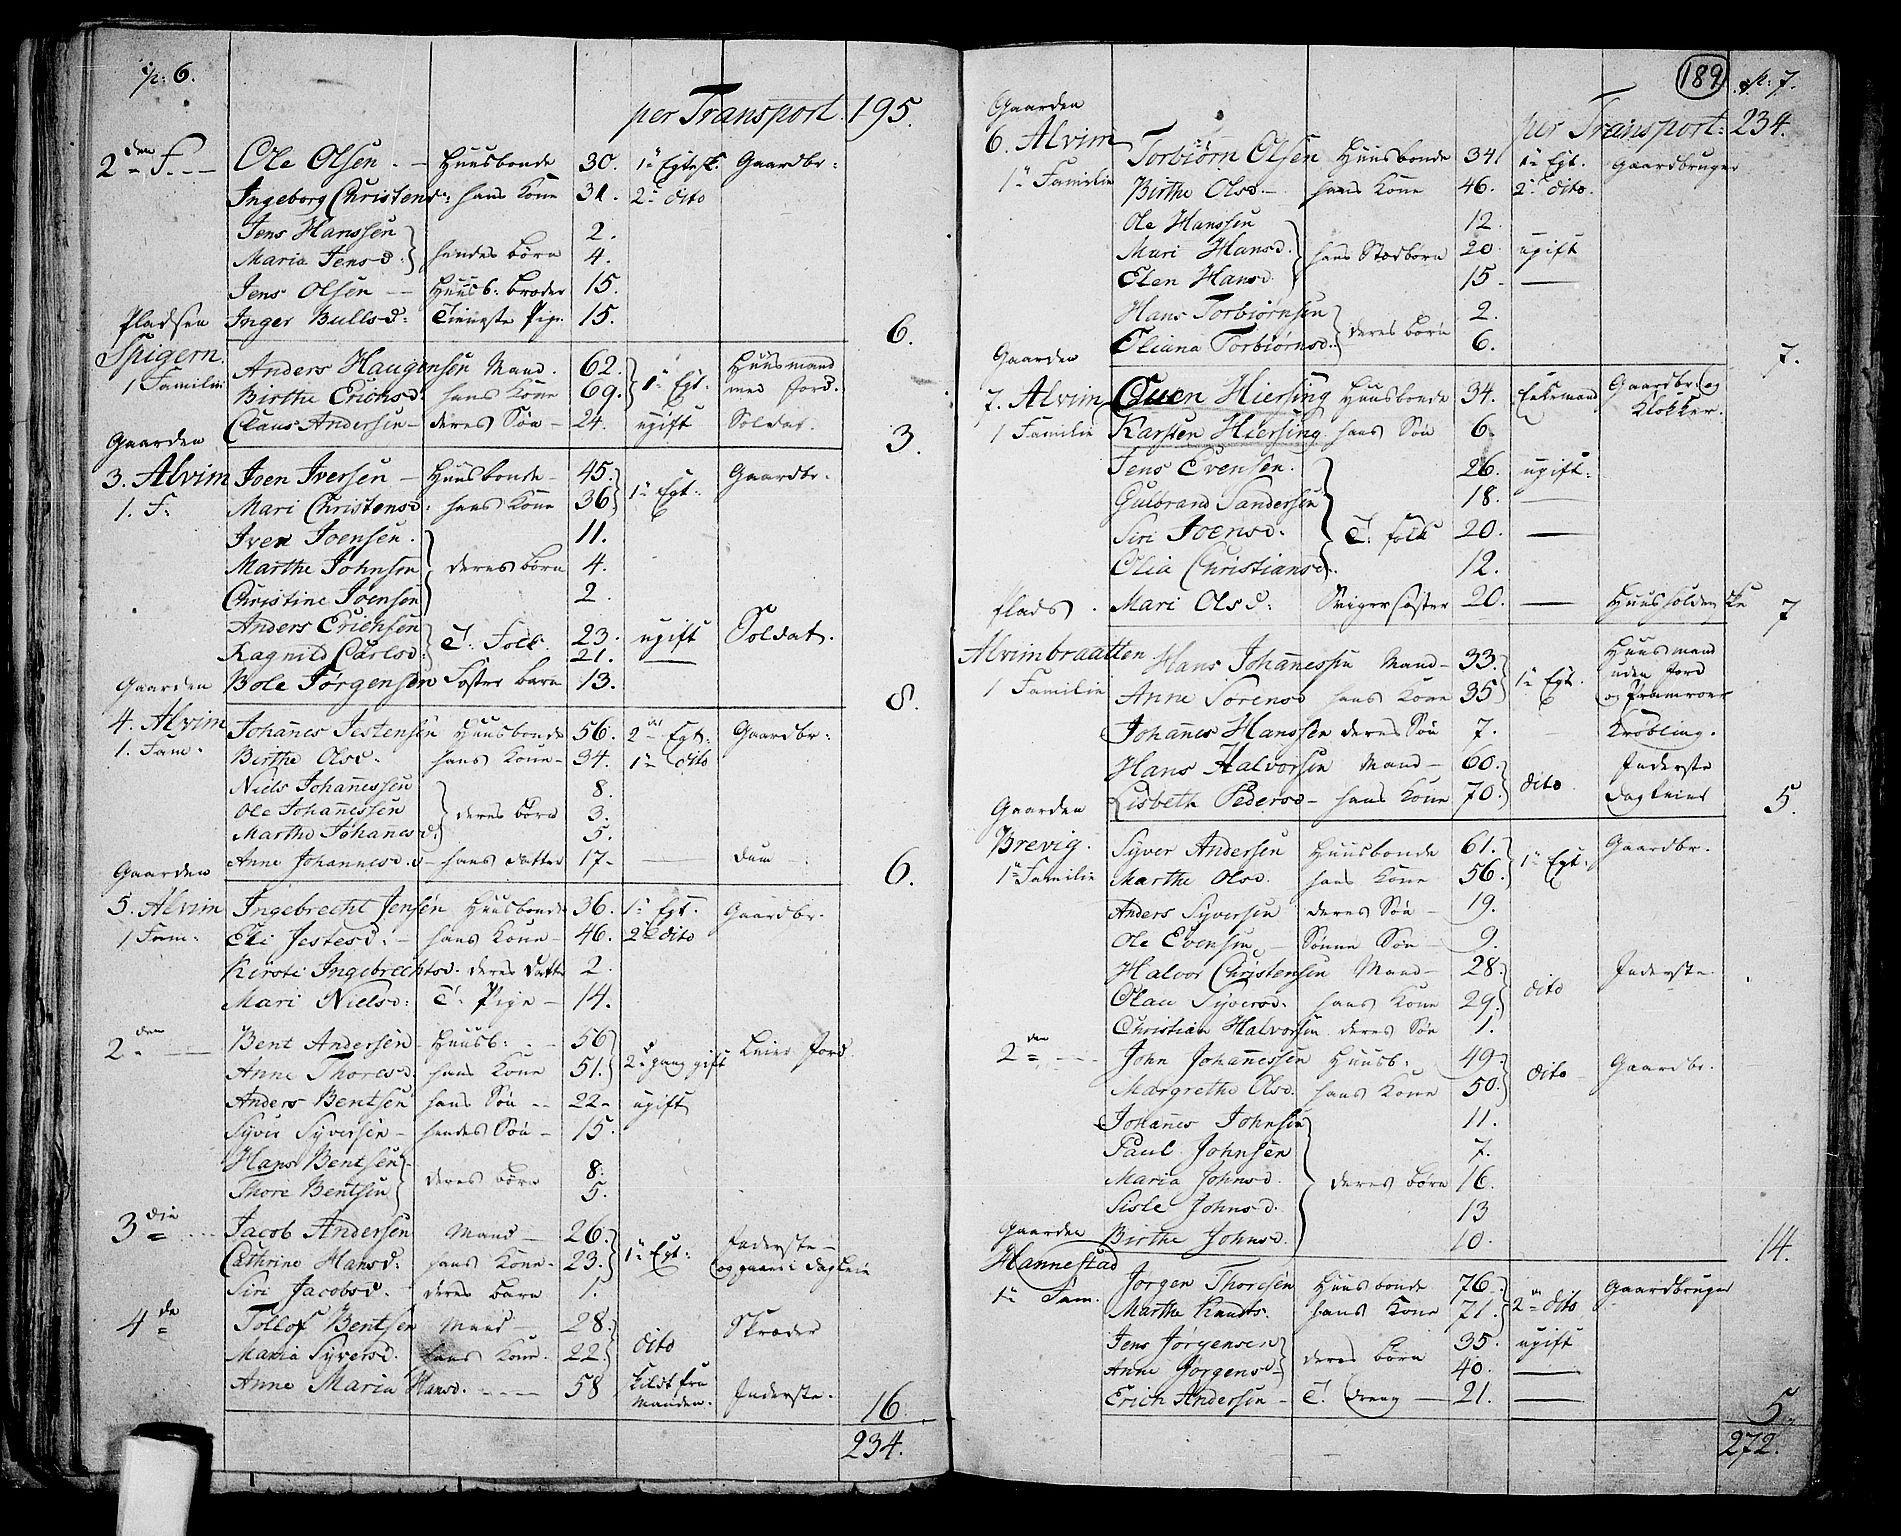 RA, Folketelling 1801 for 0130P Tune prestegjeld, 1801, s. 188b-189a